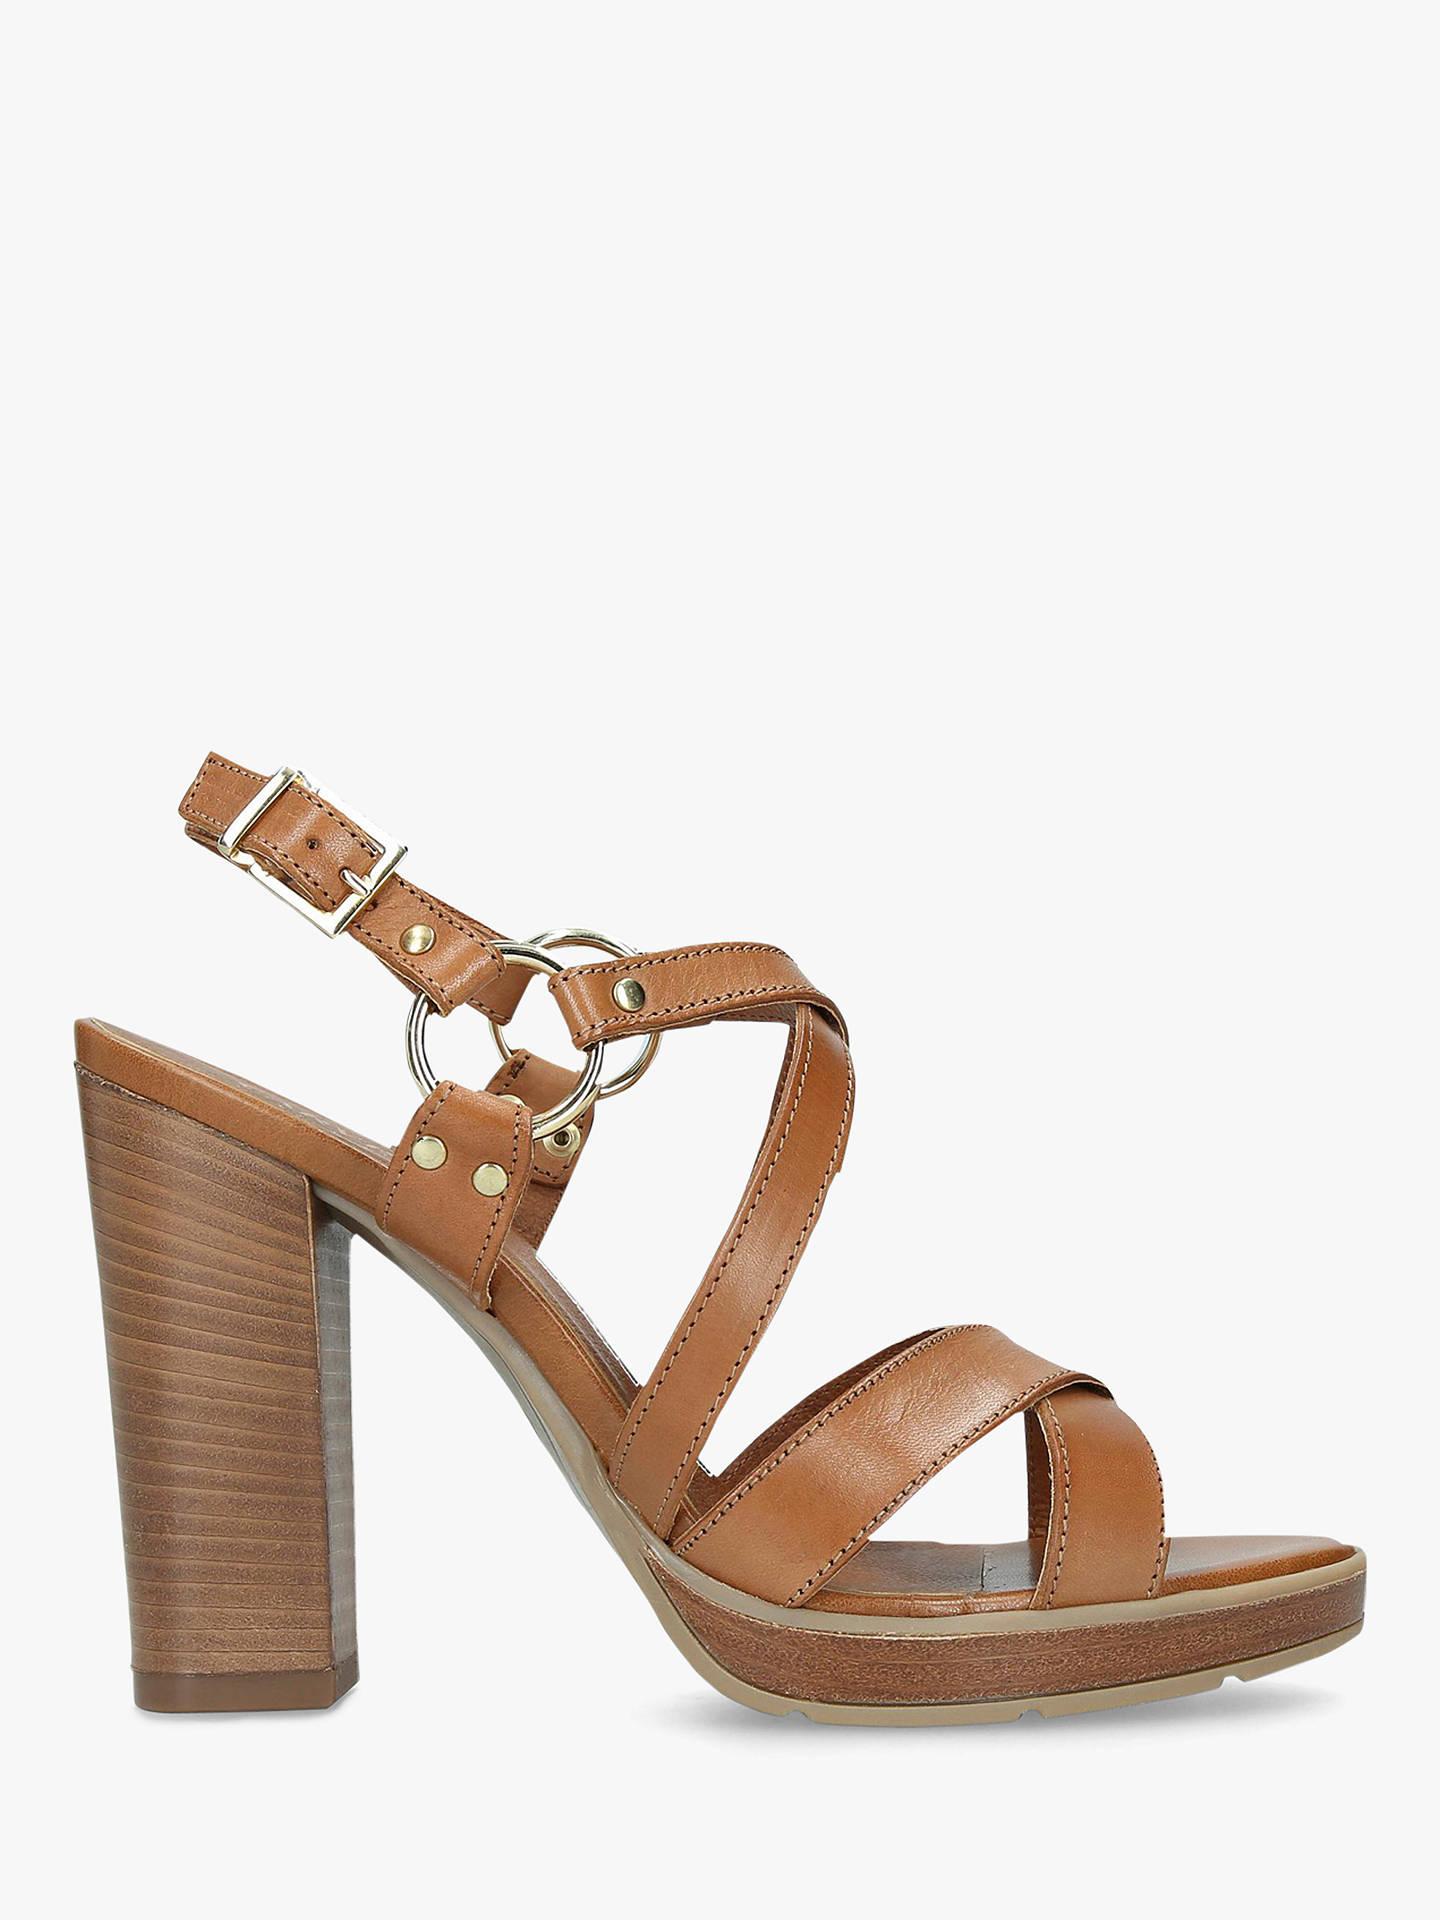 039c06d31a2 Buy Carvela Karmen Block Heel Strappy Sandals